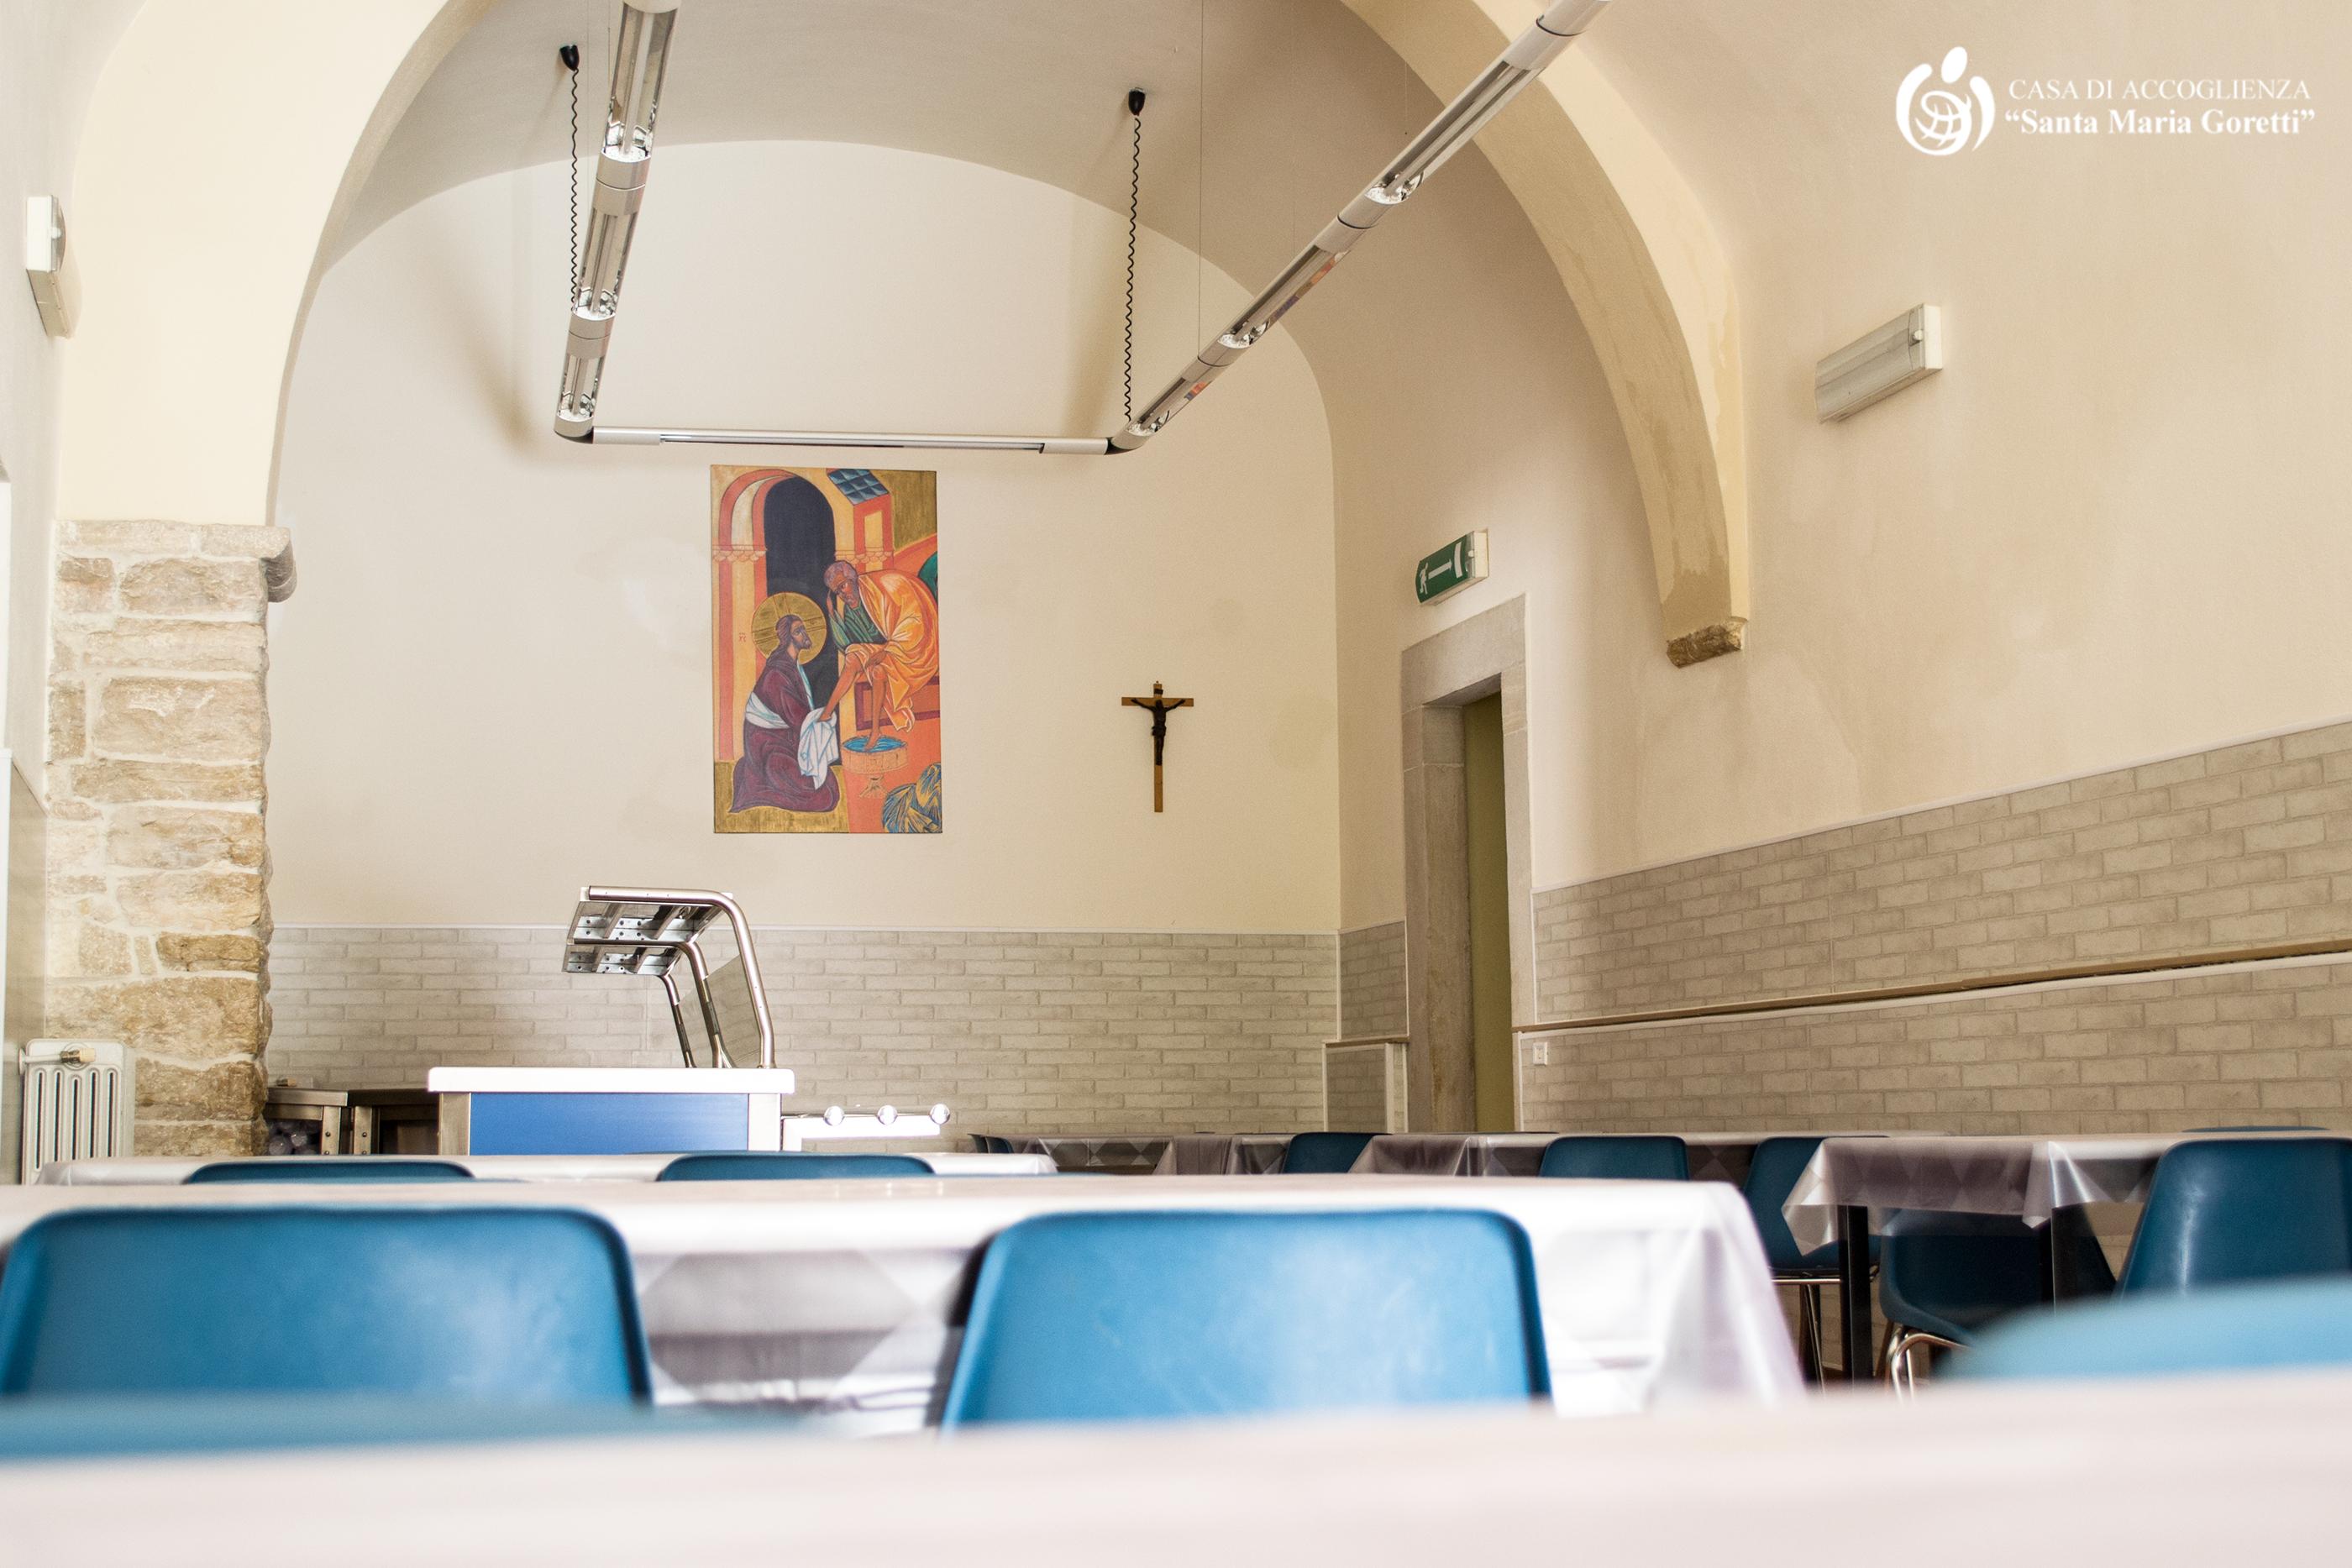 Mensa - Casa accoglienza Santa Maria Goretti - Andria (BT)